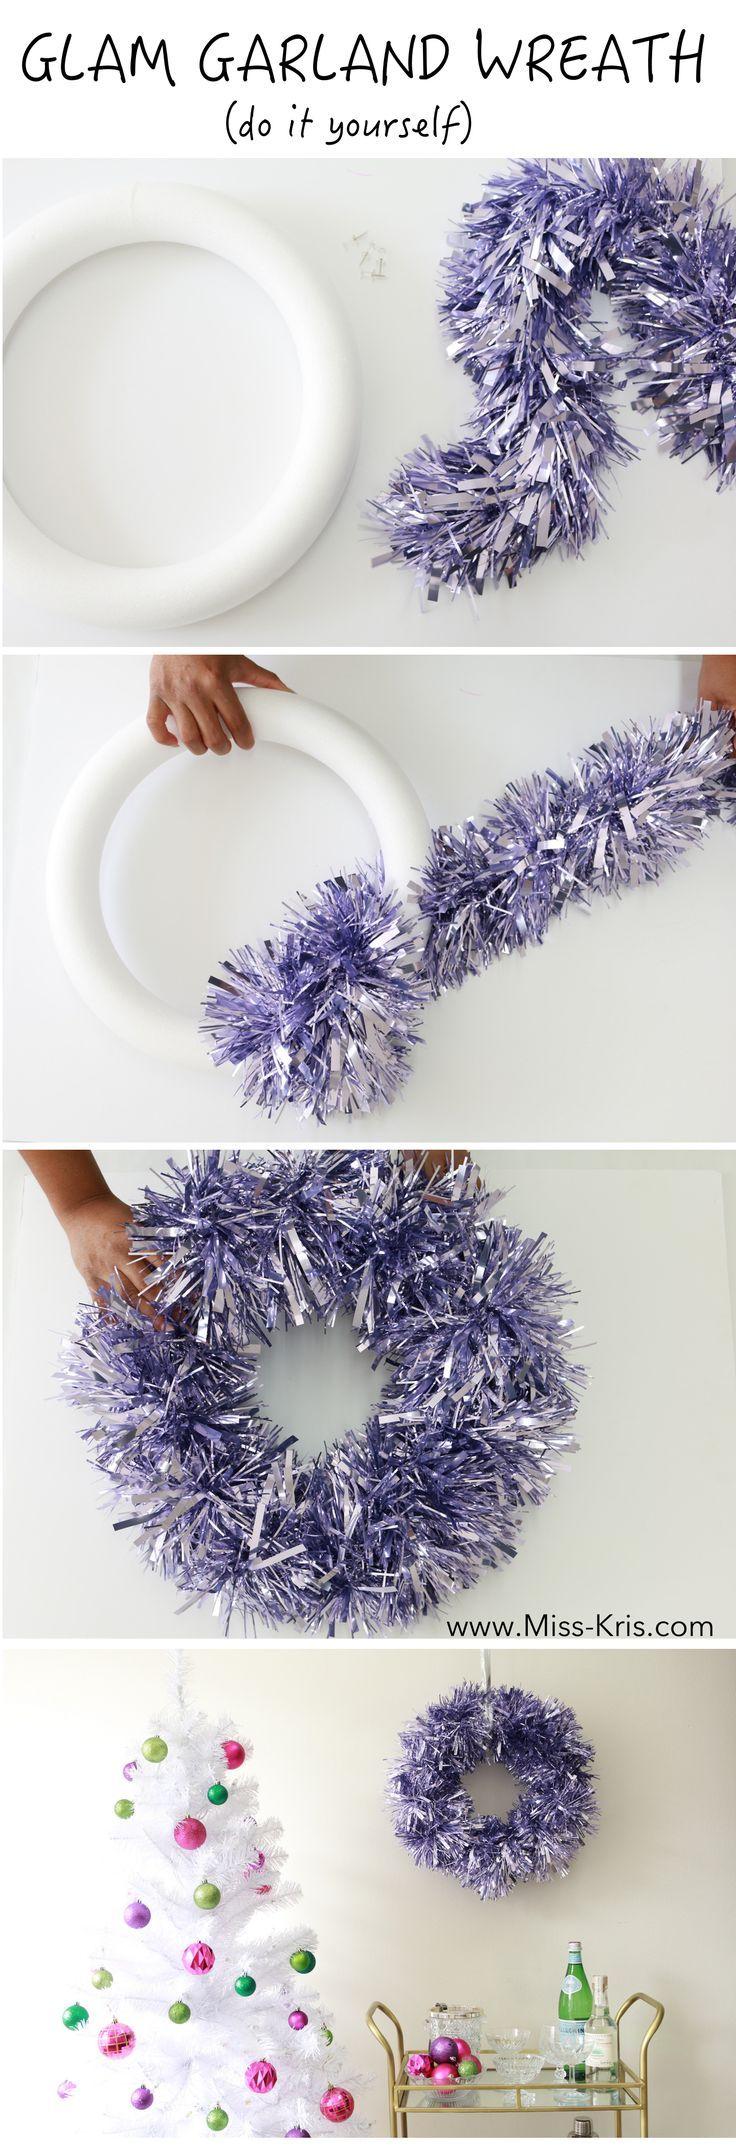 DIY Christmas Wreath by Miss Kris. Full Post here